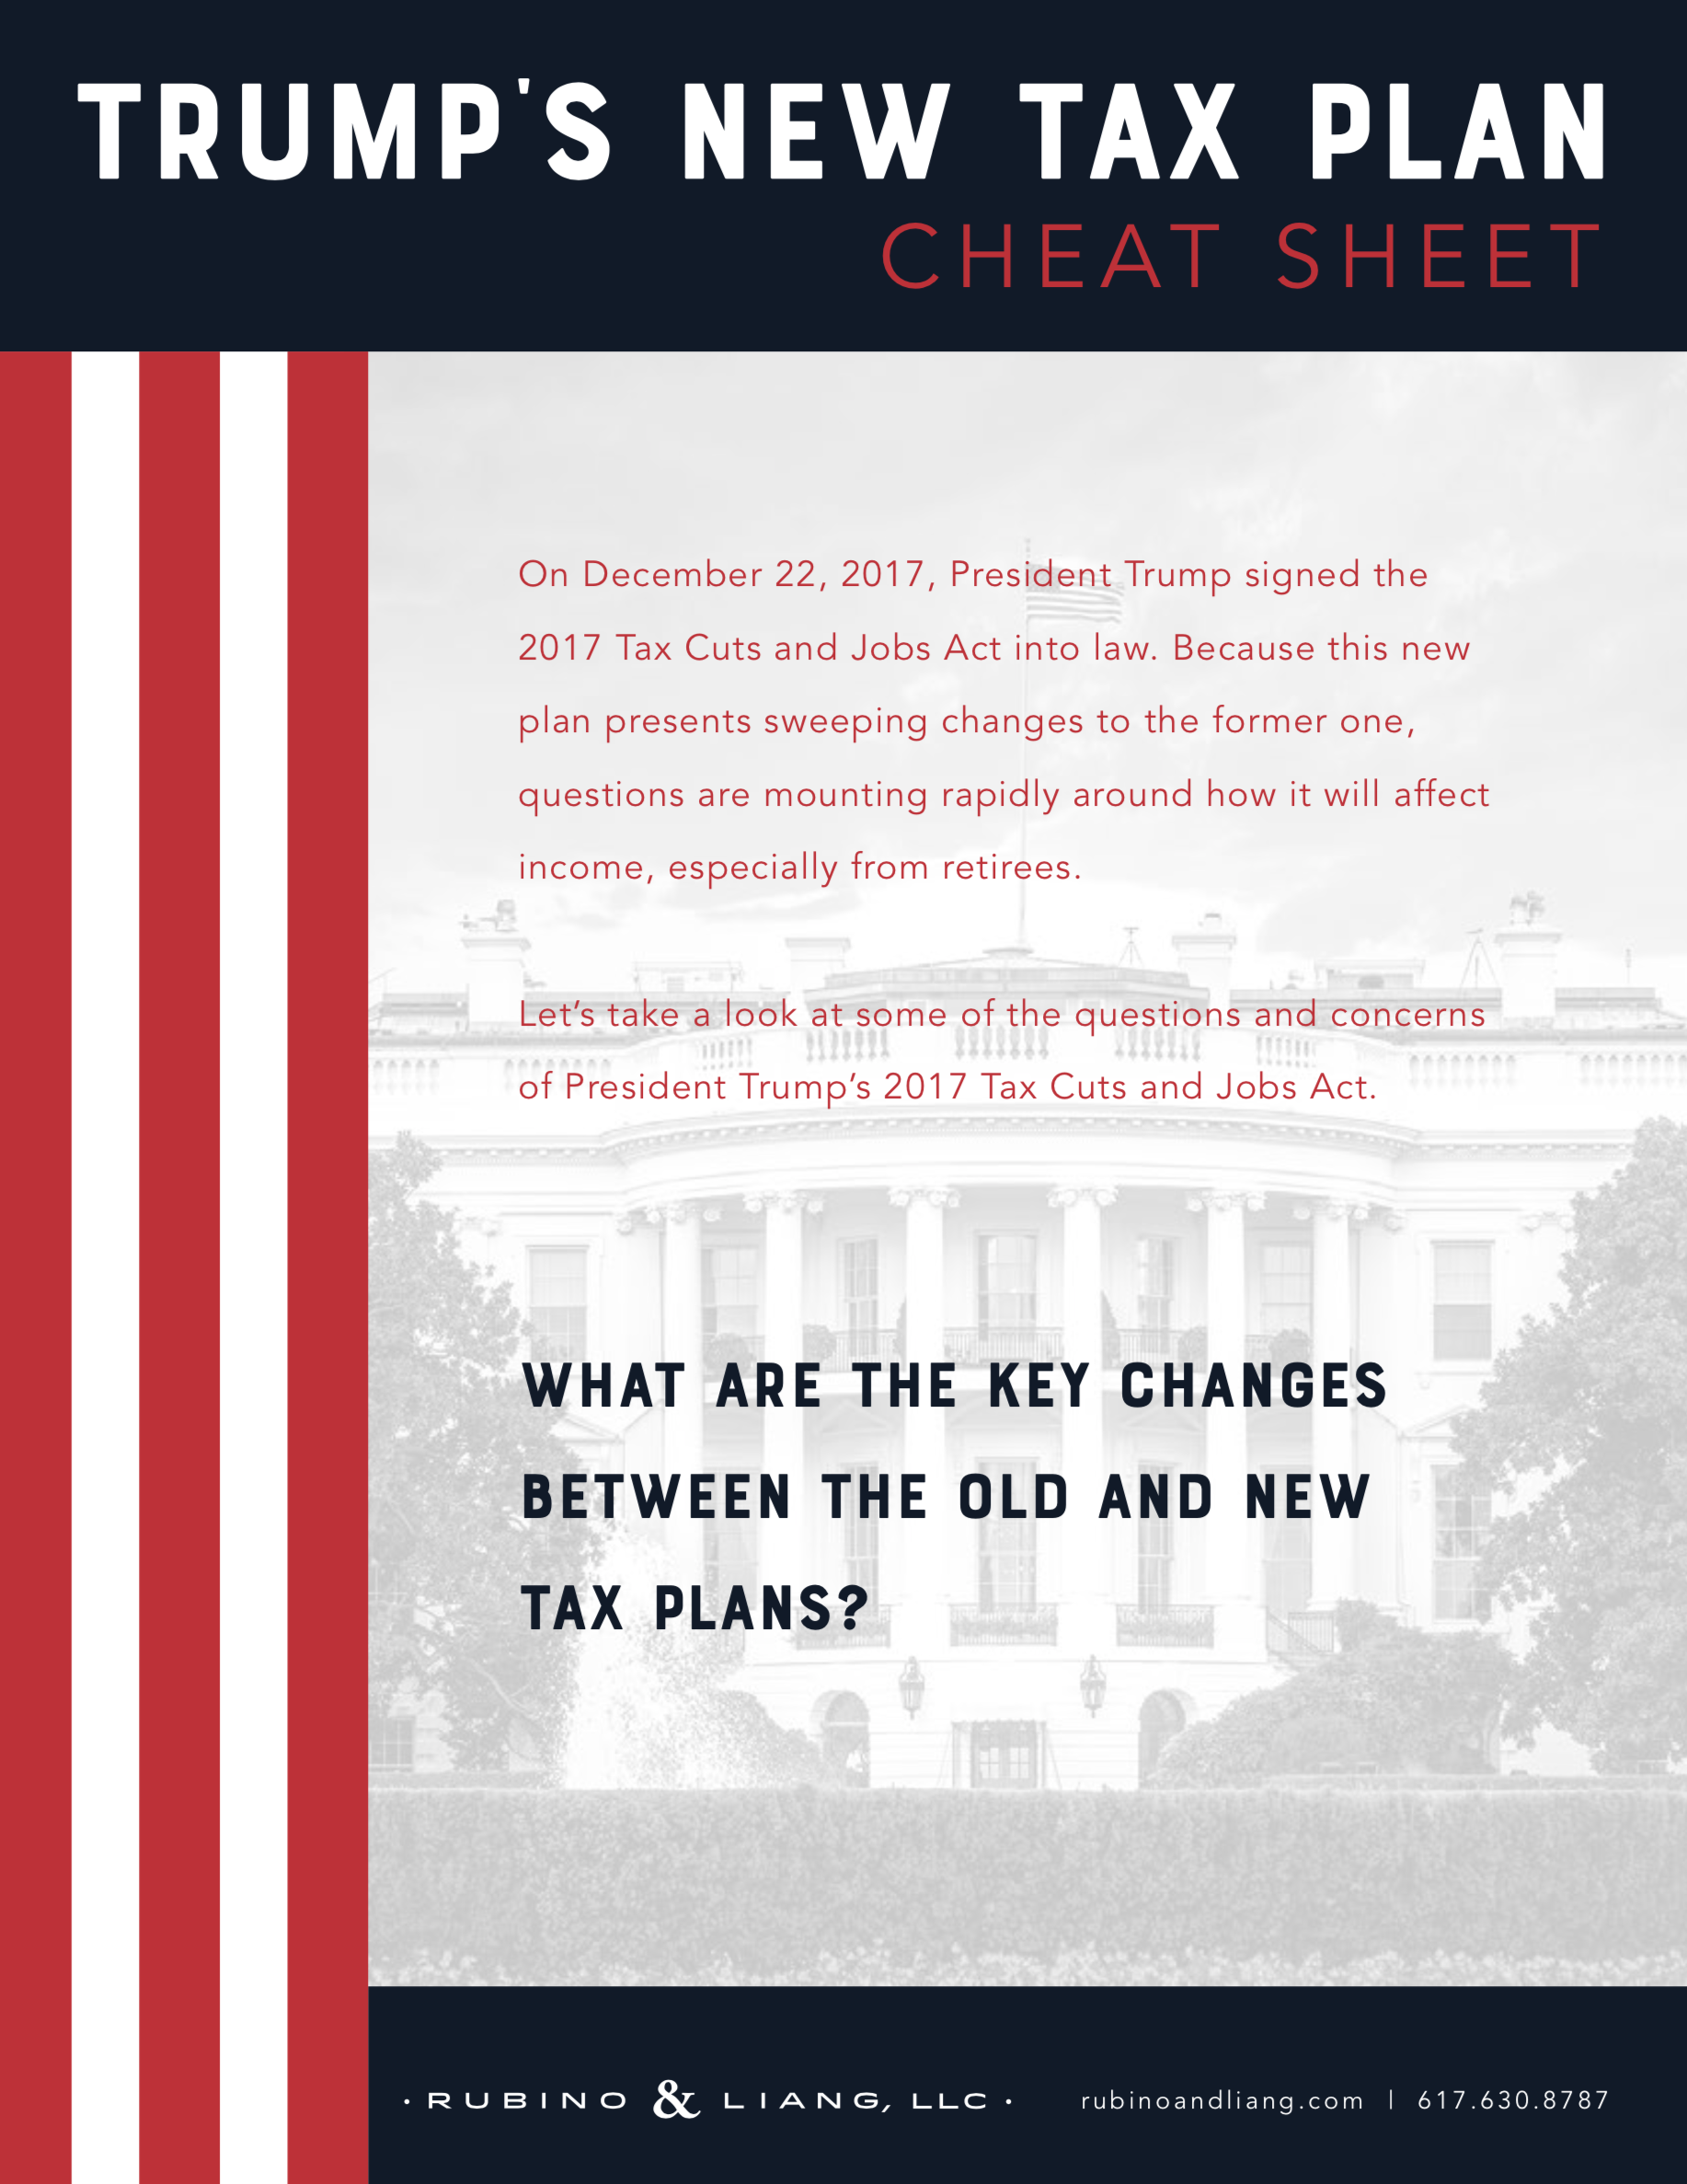 Trump's New Tax Plan